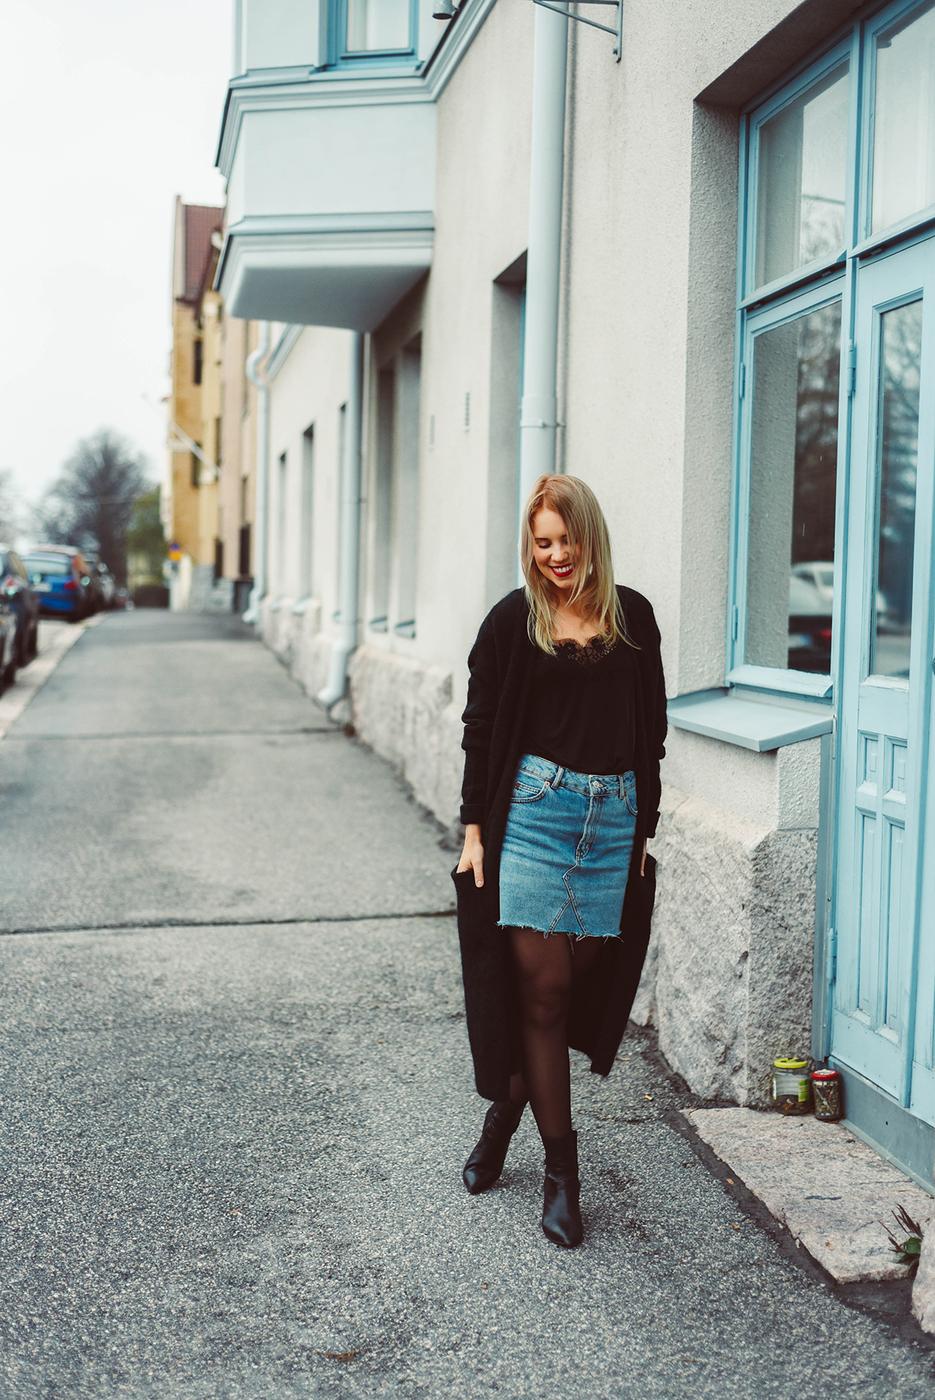 sundayblondie-outfit-ootd-2.jpg